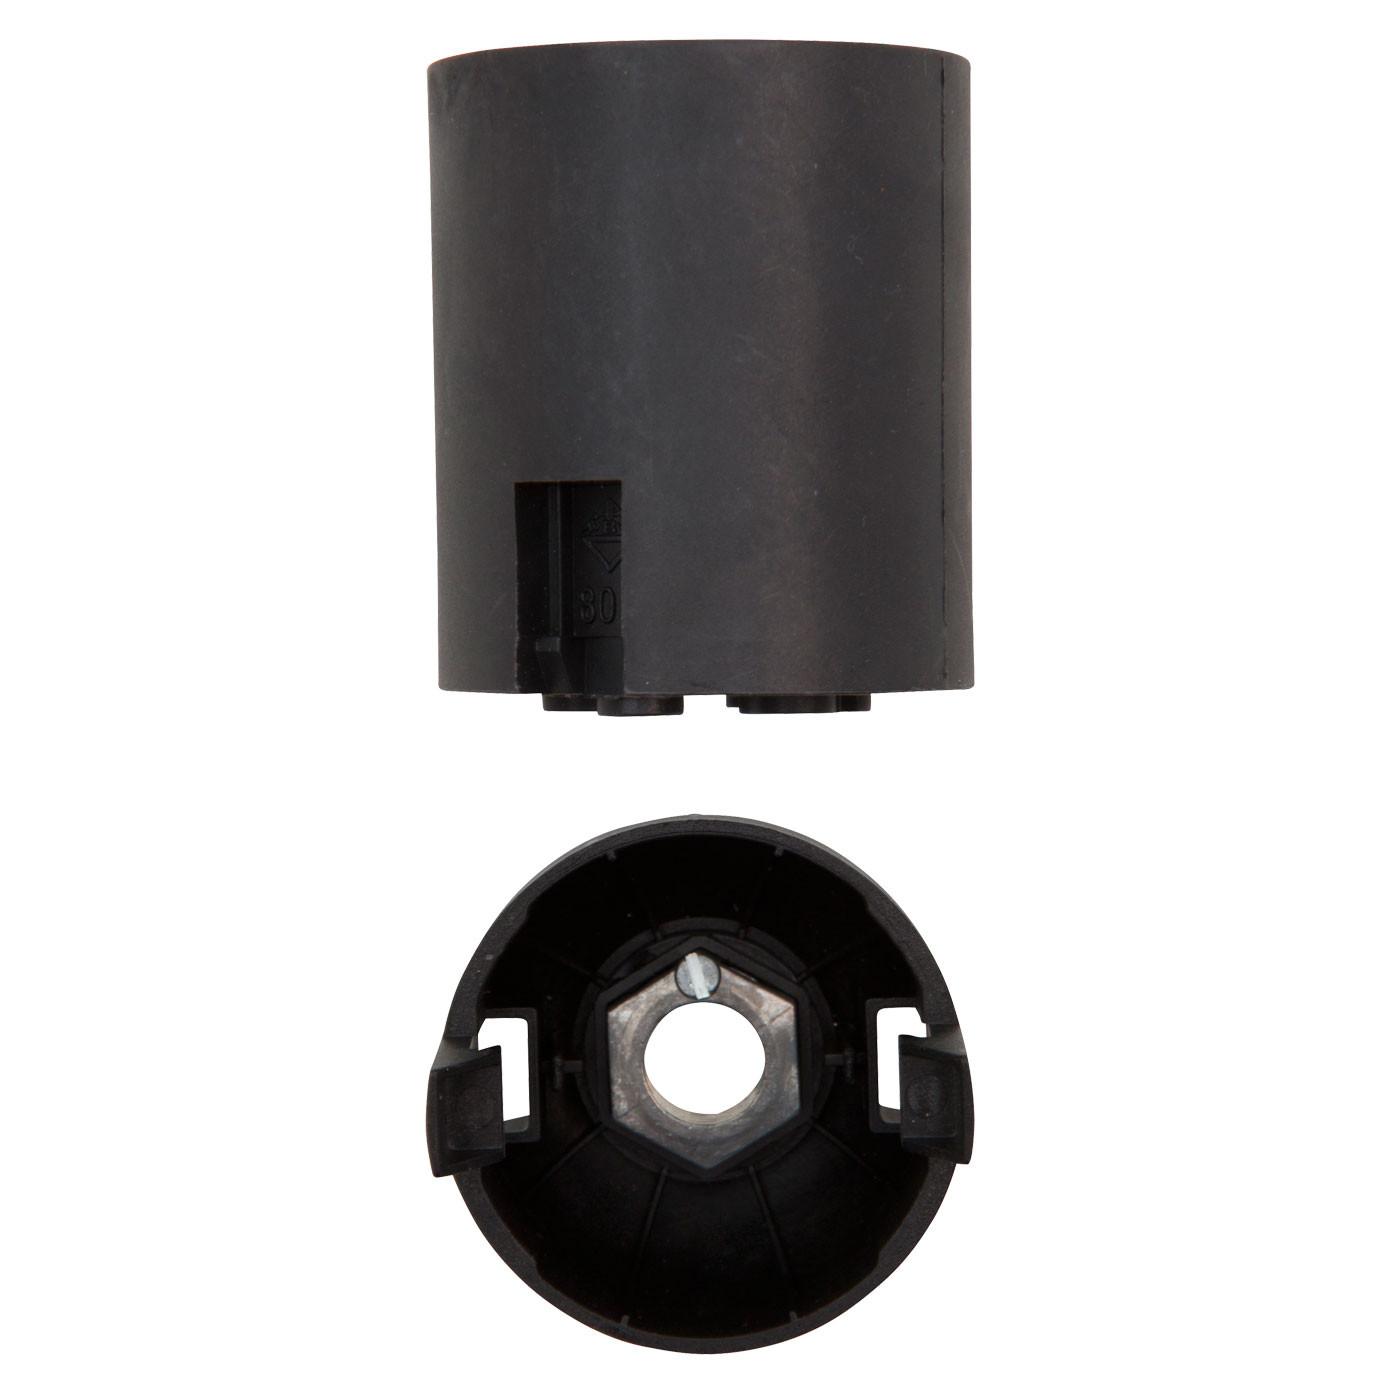 Flos Ersatzteile für Glo-Ball Basic 1